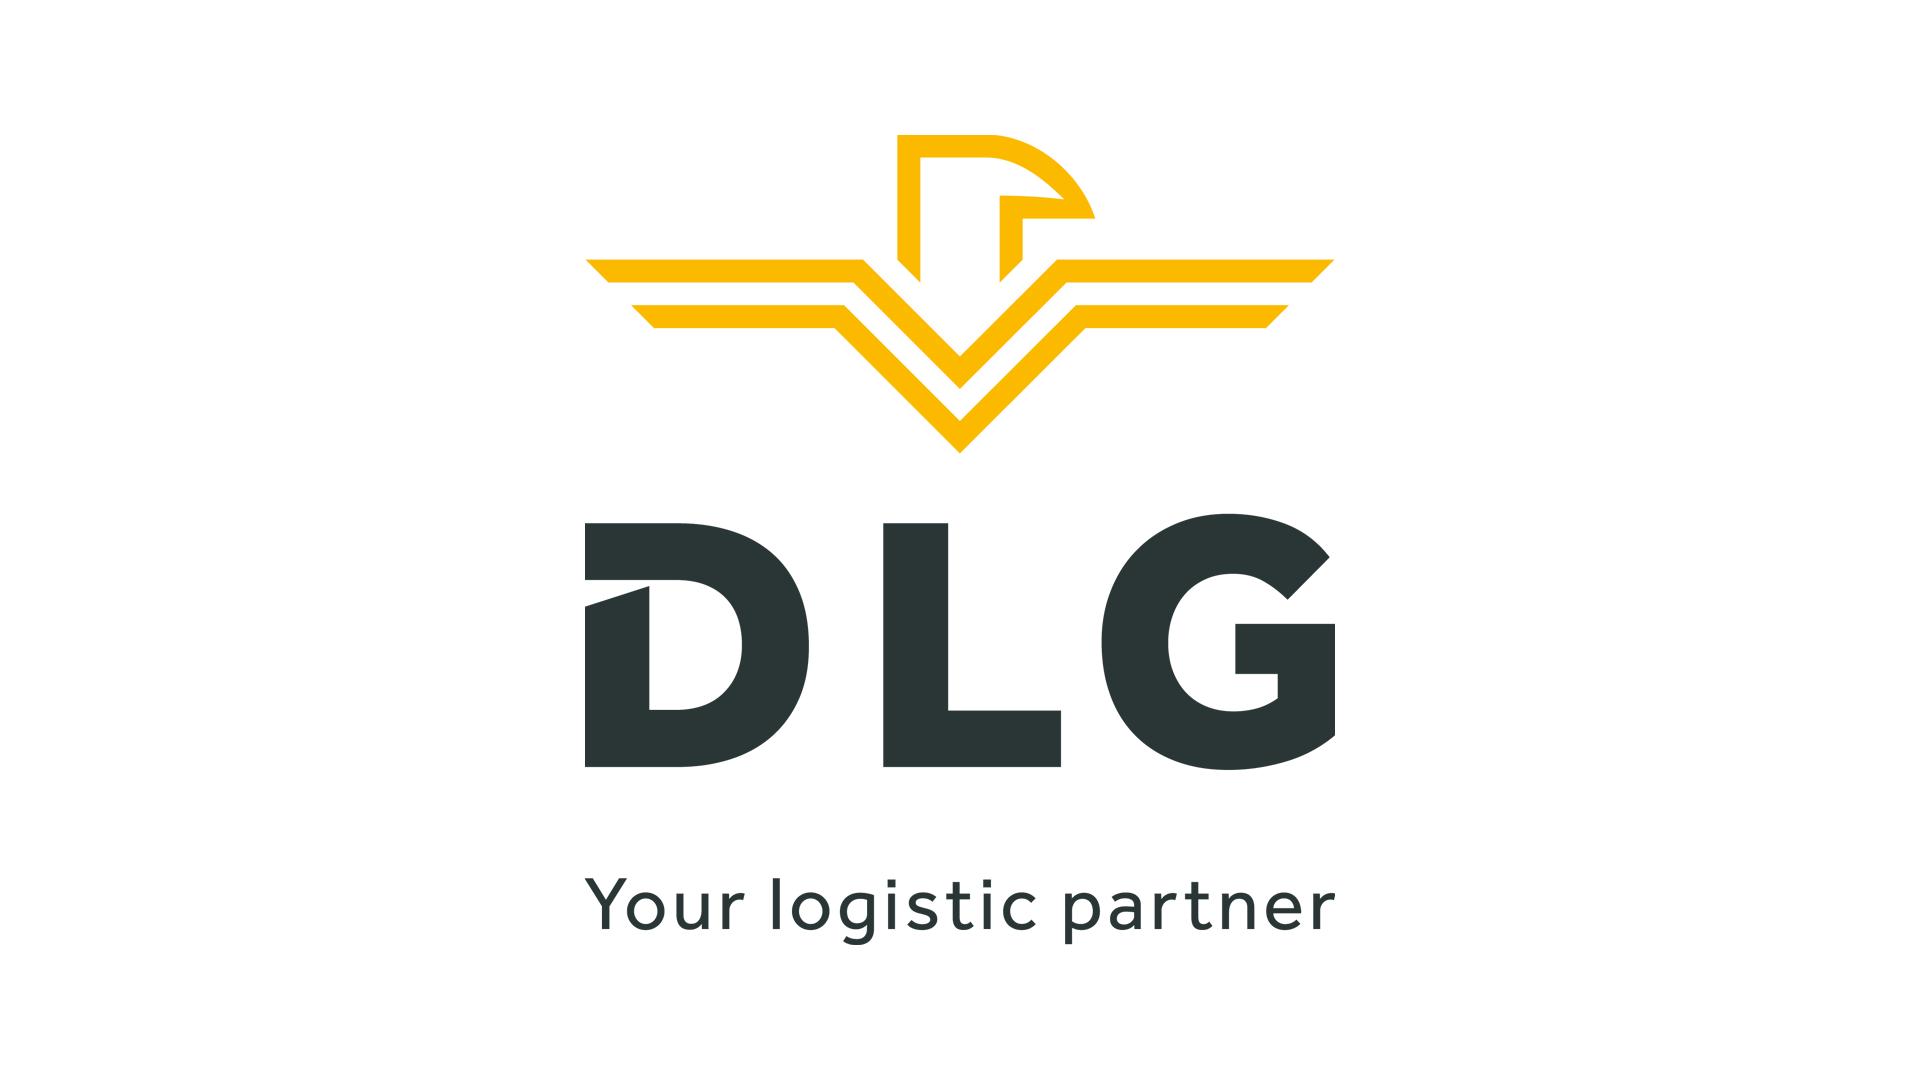 https://sparklivinglab.nl/wp-content/uploads/2021/05/ffb504639cdlg-logo.png